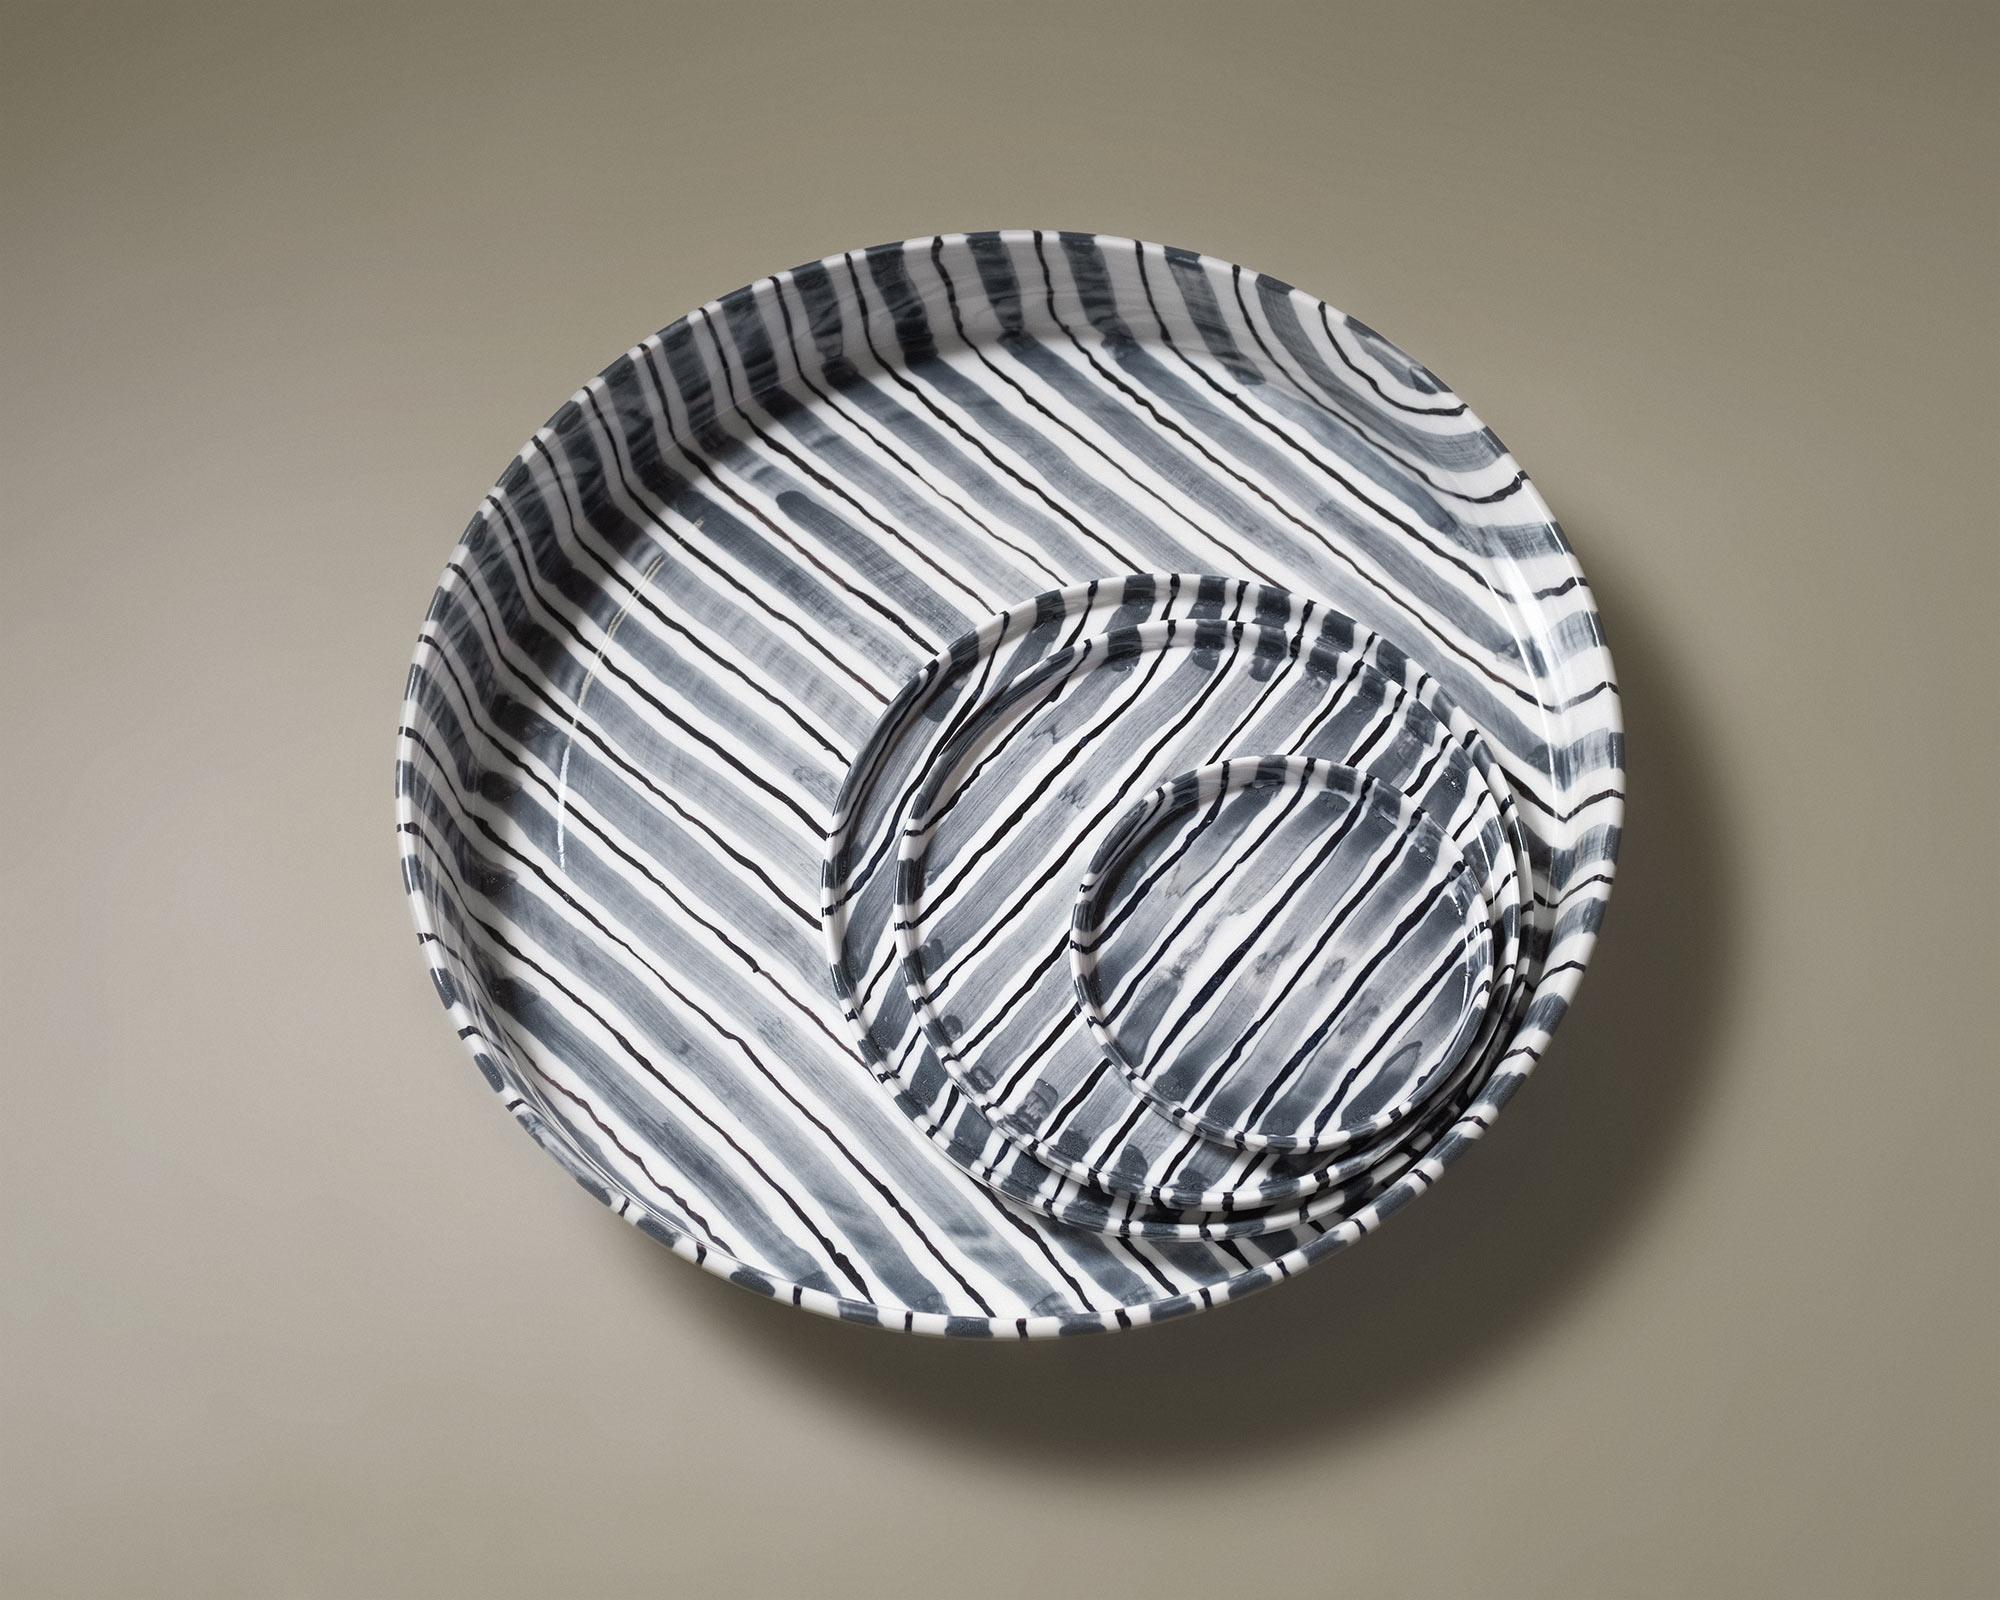 foldrakter-plates-2.jpg